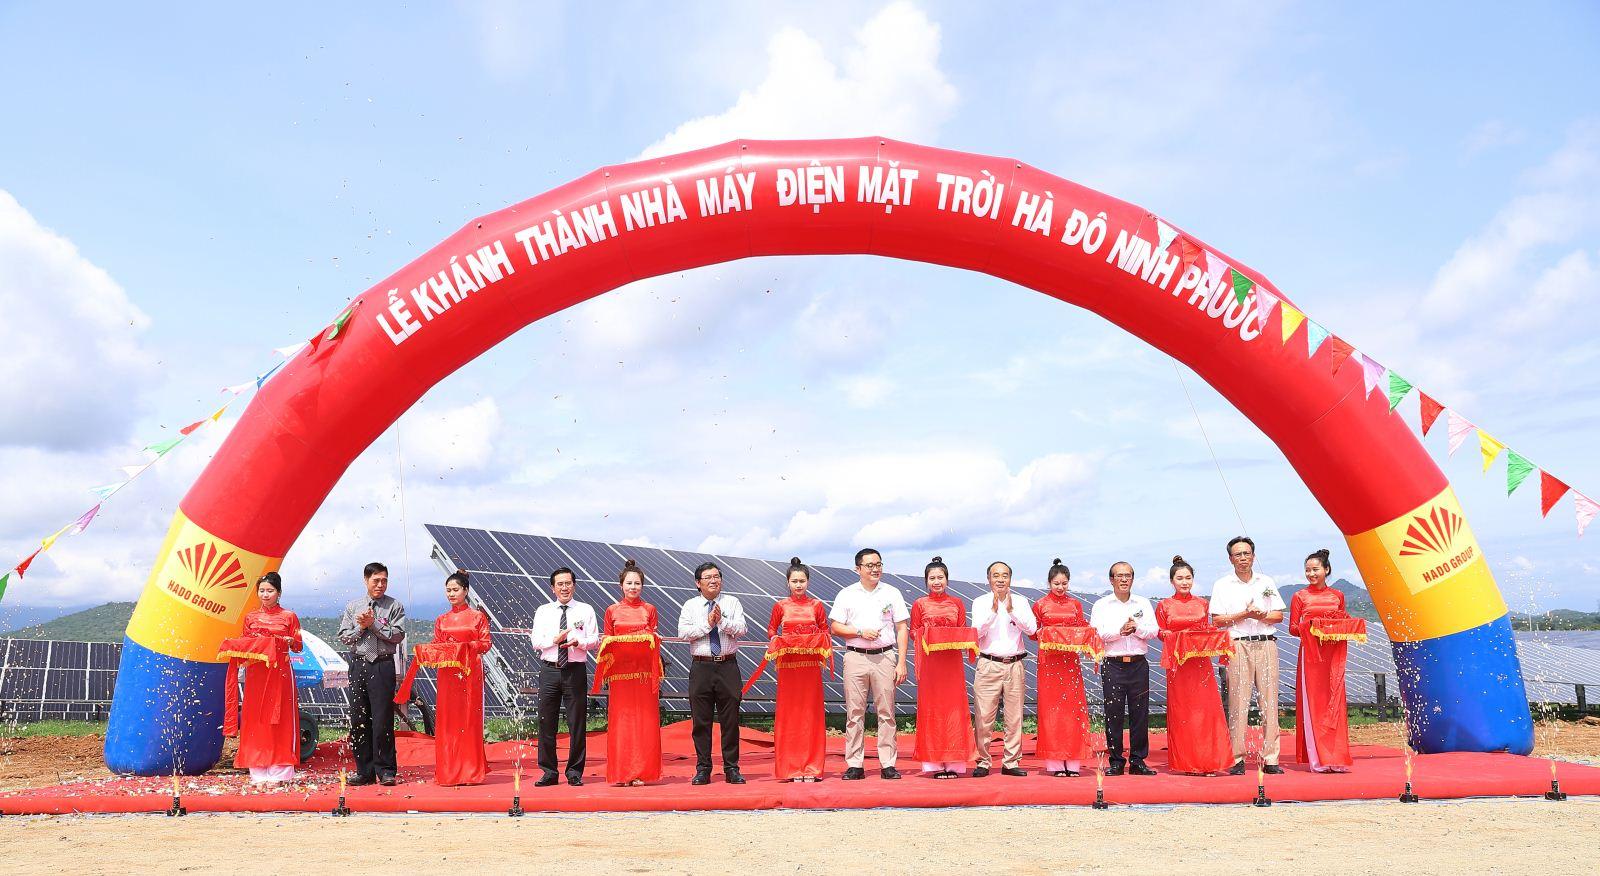 Ninh Thuận: Thêm một nhà máy điện Mặt Trời có vốn đầu tư hơn 1.000 tỉ đồng đi vào hoạt động - Ảnh 1.